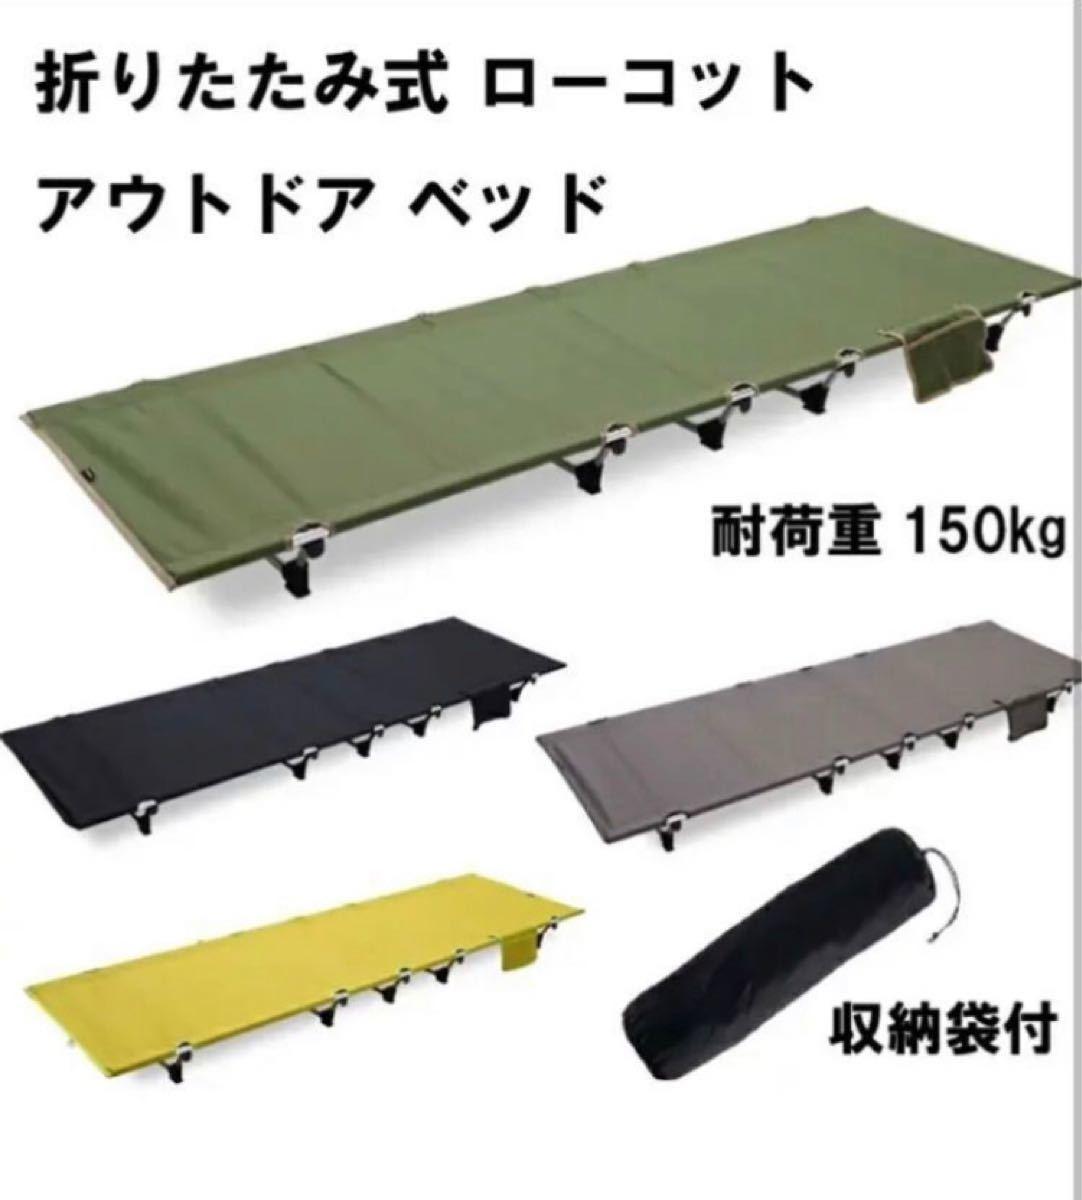 コット 簡易ベッド アウトドアベッド 軽量 コンパクト 黒 黄緑 カーキ グレー